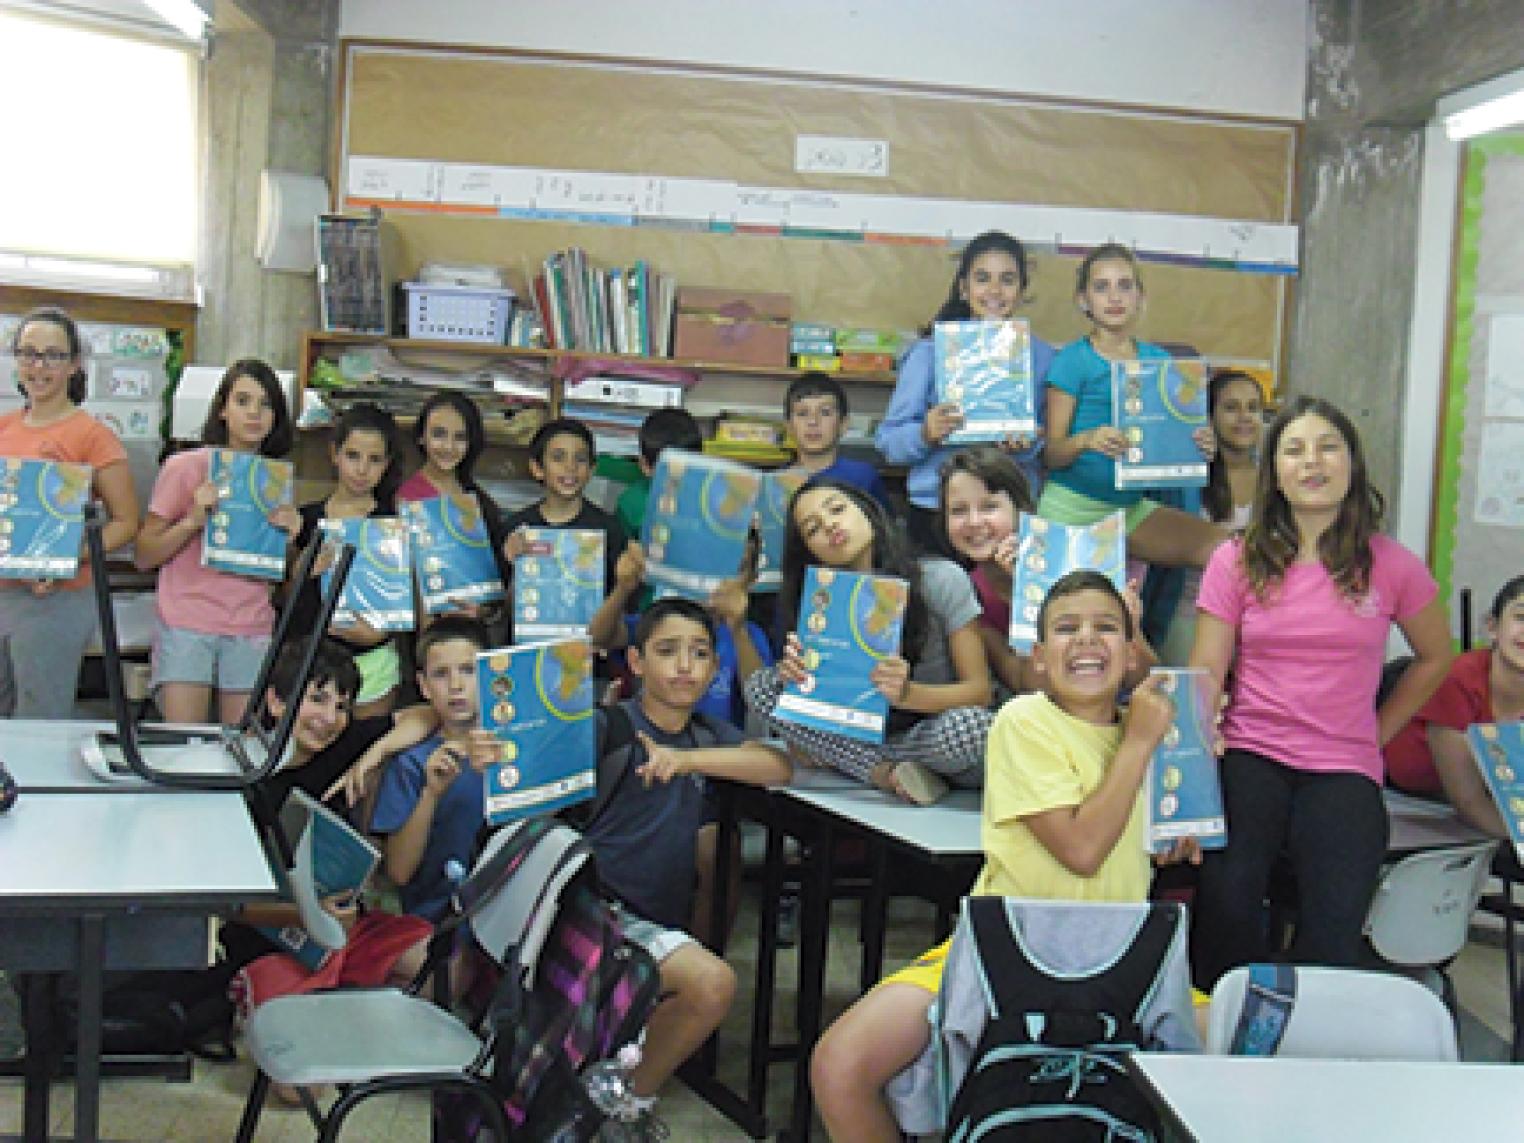 Friends Across the Sea- Israeli Children Holding Up Books